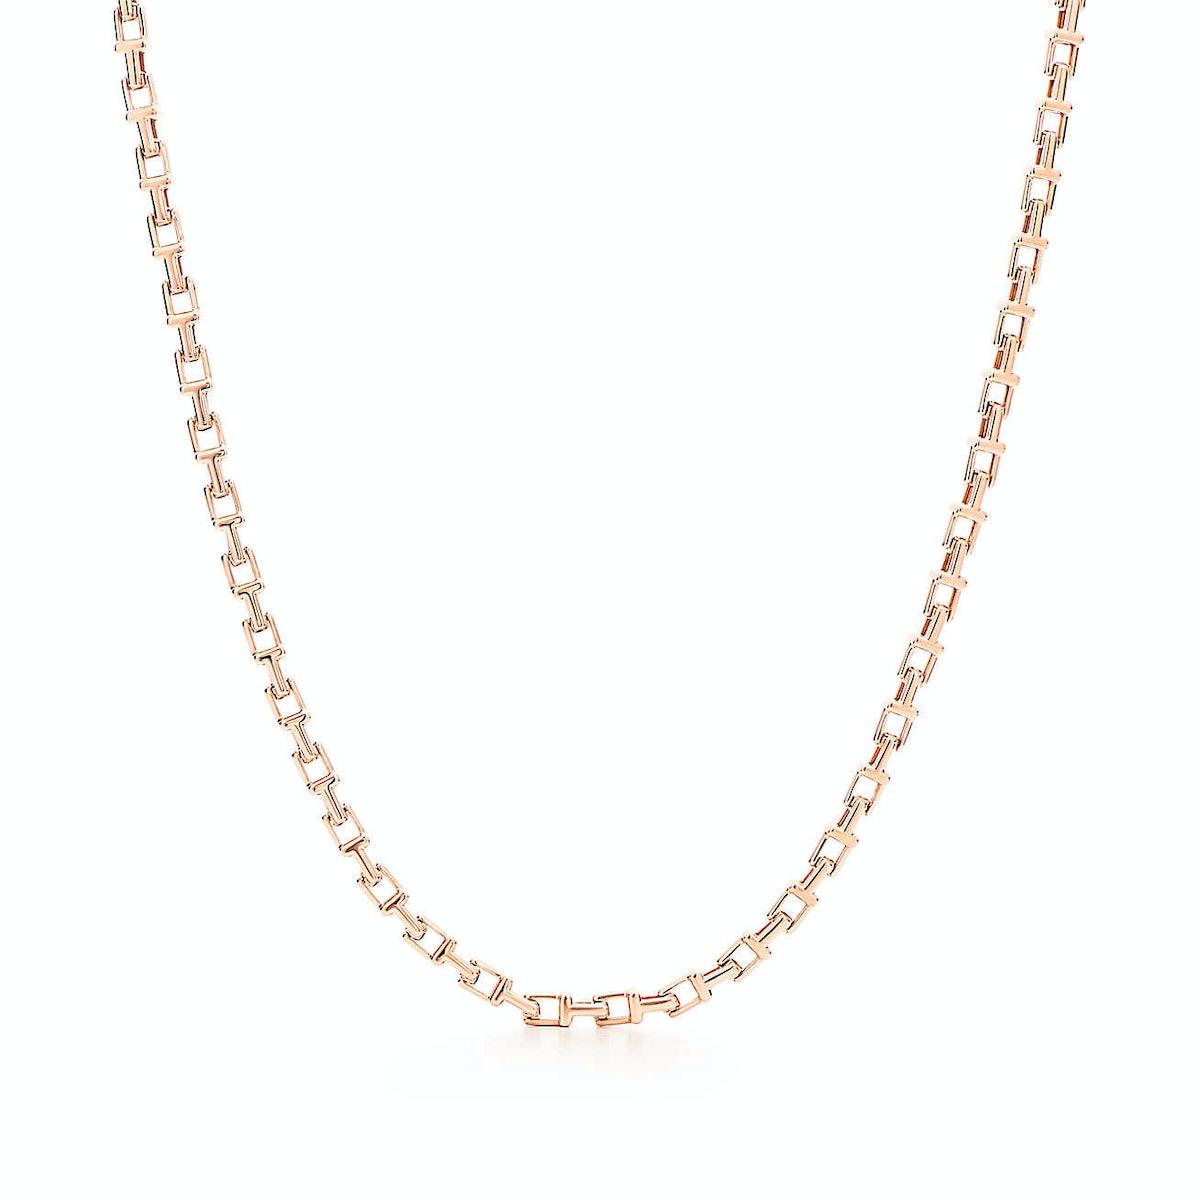 Tiffany-&-Co-18k-rose-gold-necklace,-$5,800,-tiffany.com